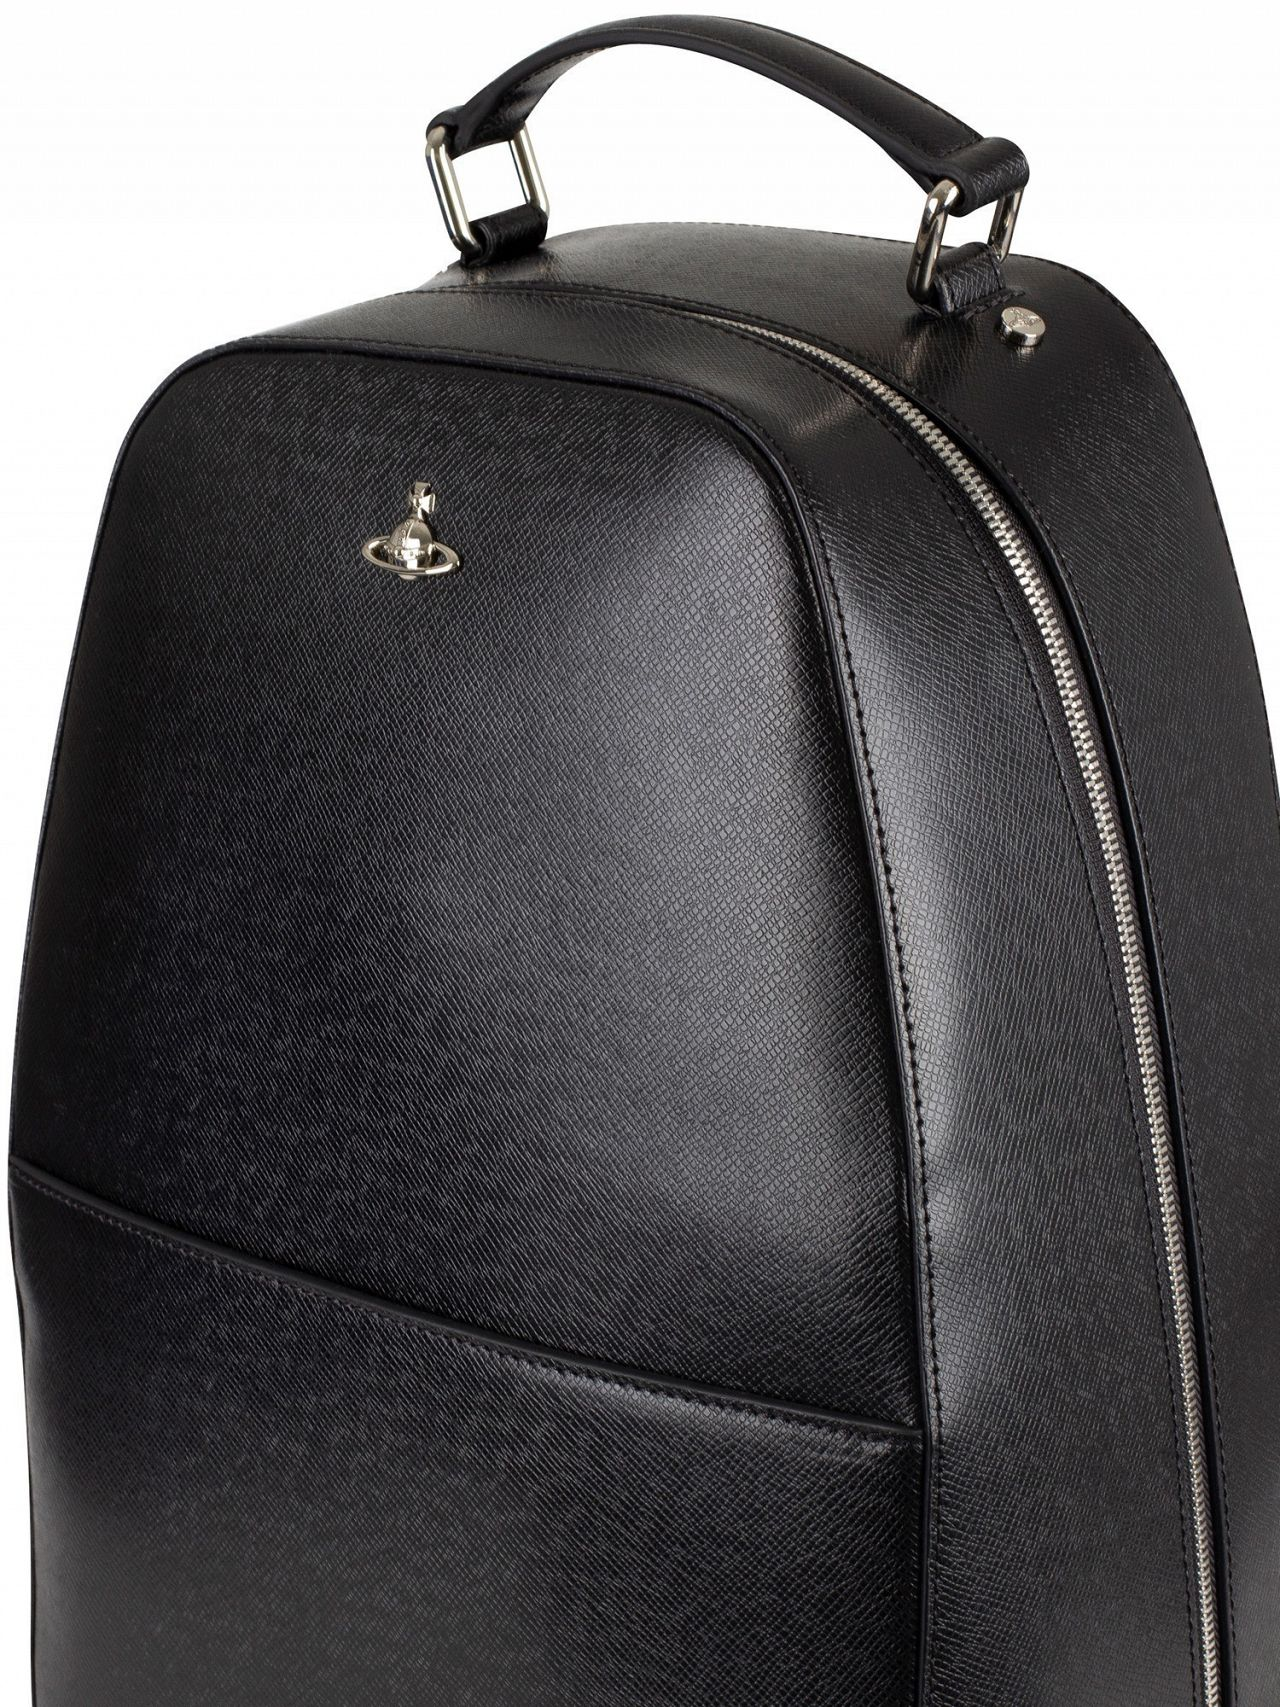 97f232d1647 Vivienne Westwood Black Kent Backpack | Standout